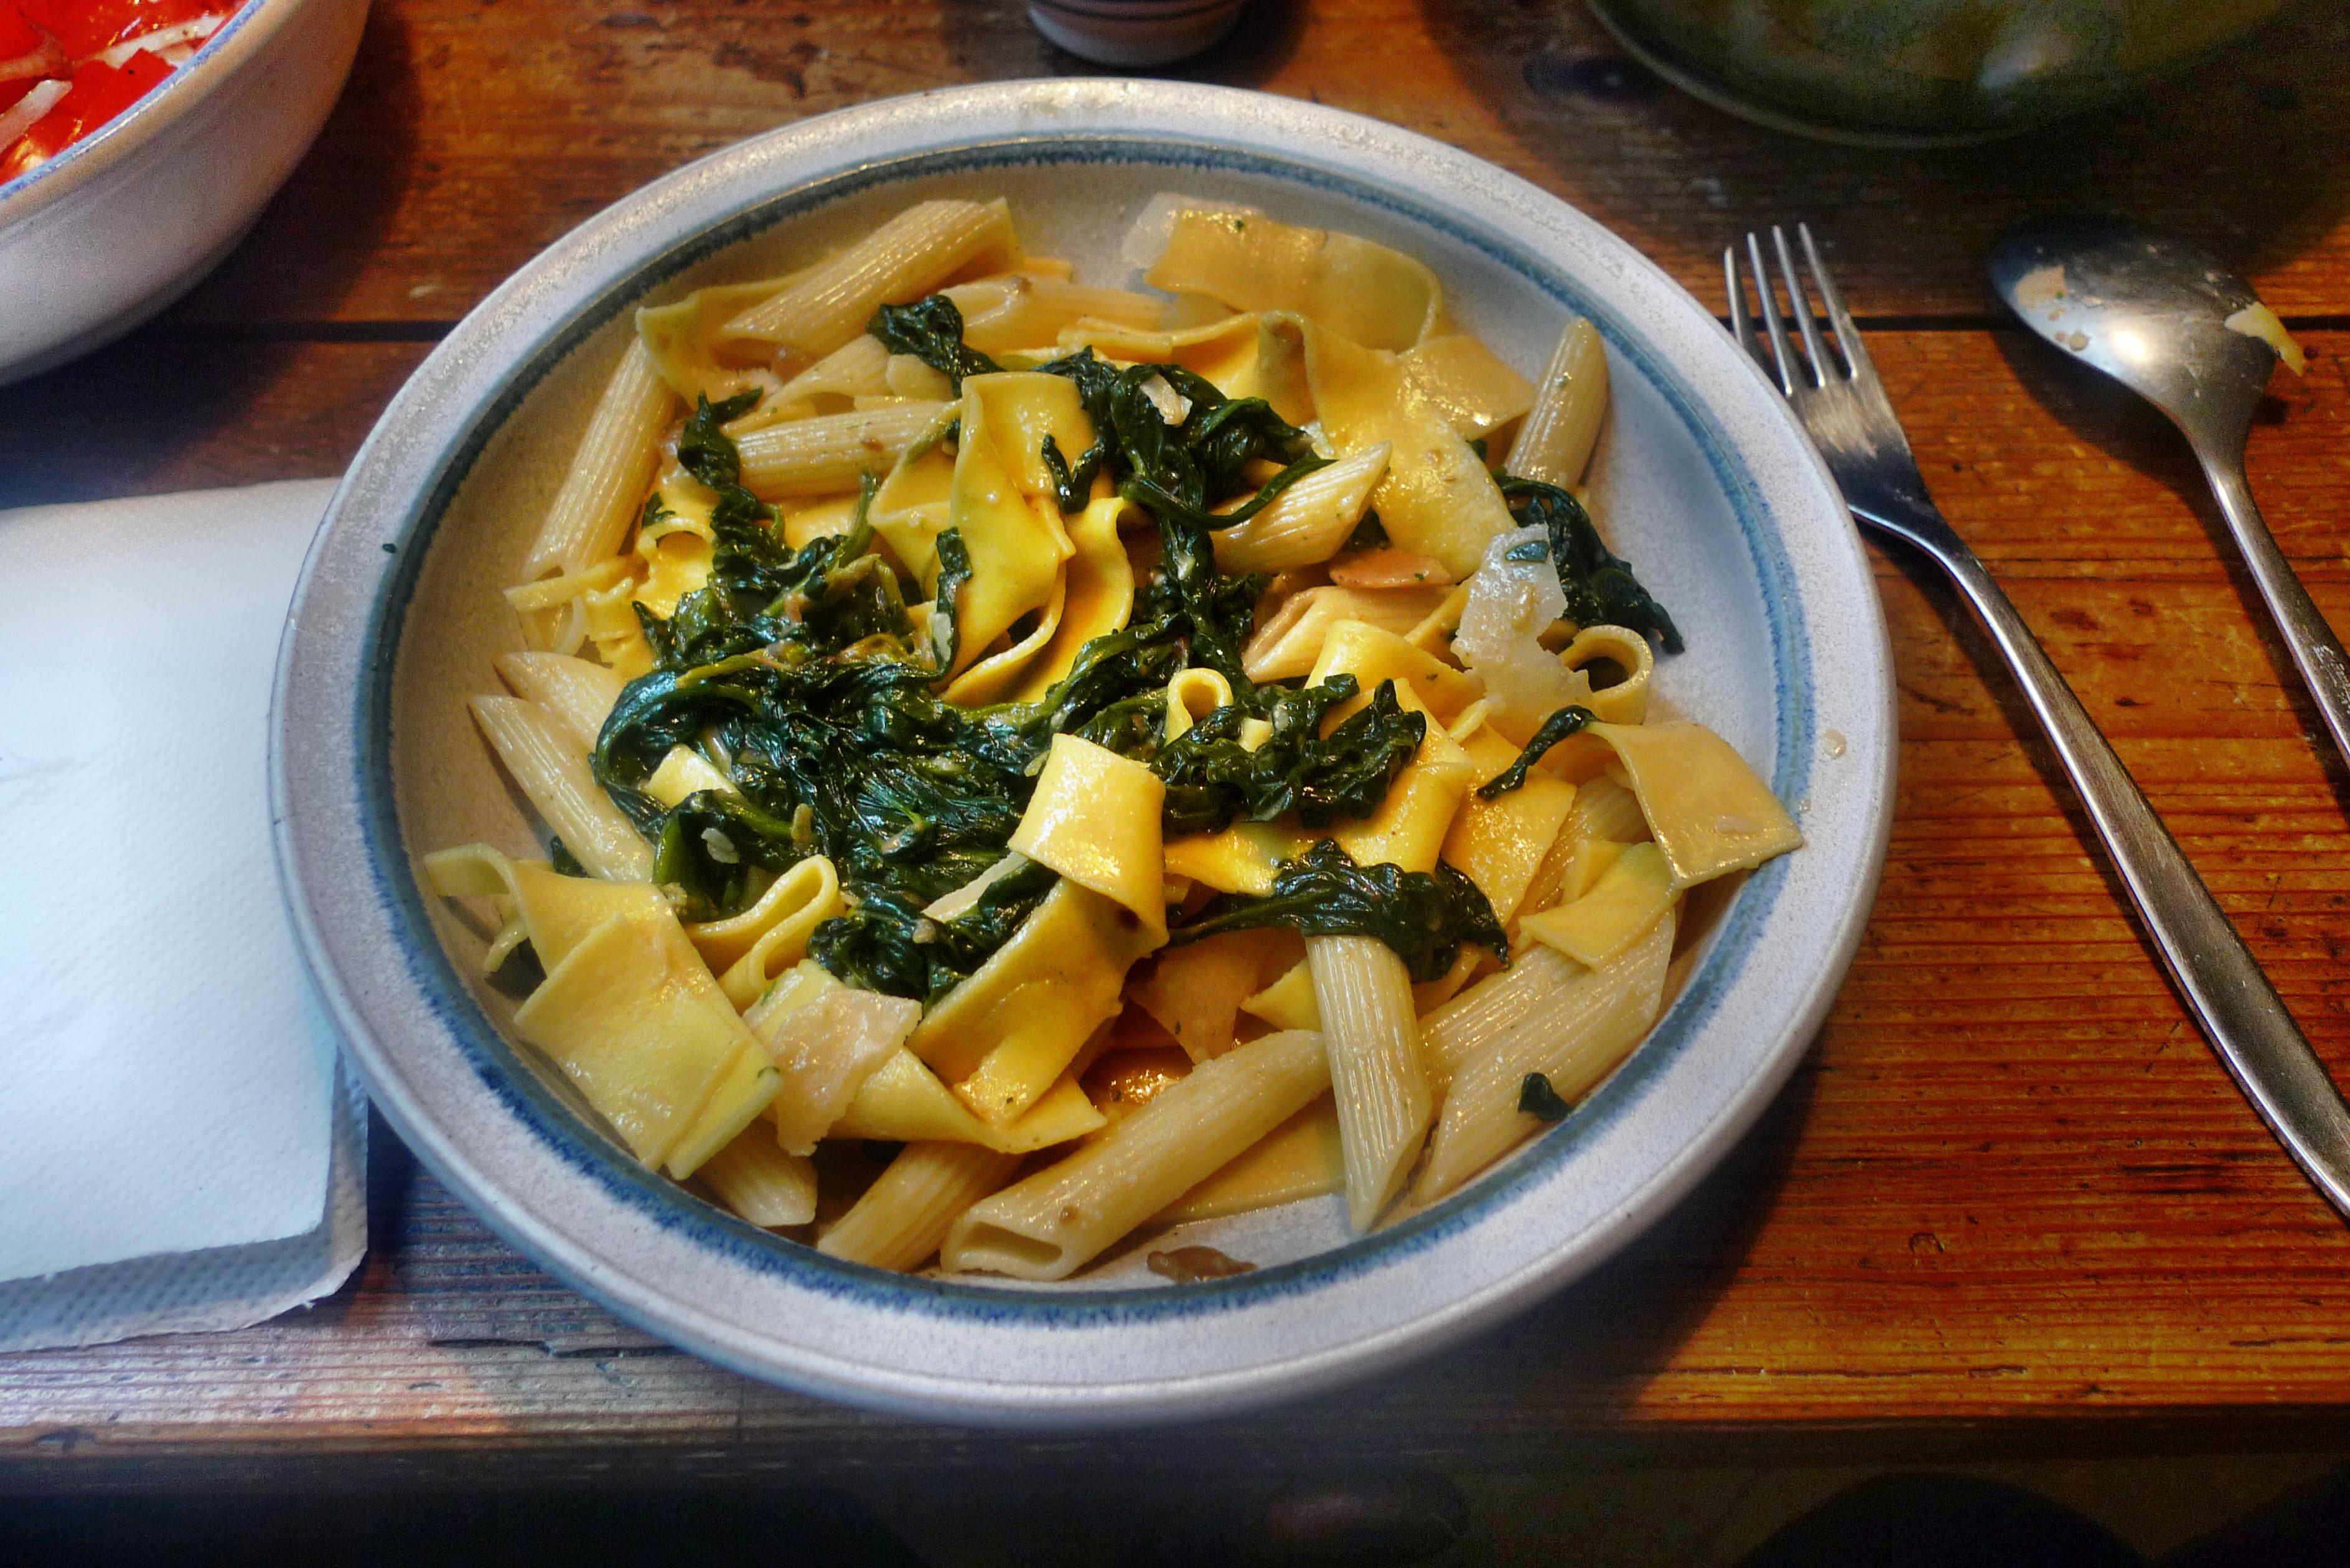 Spinat mit Nudeln-Apfel im Schlafrock -25.10.14   (25)